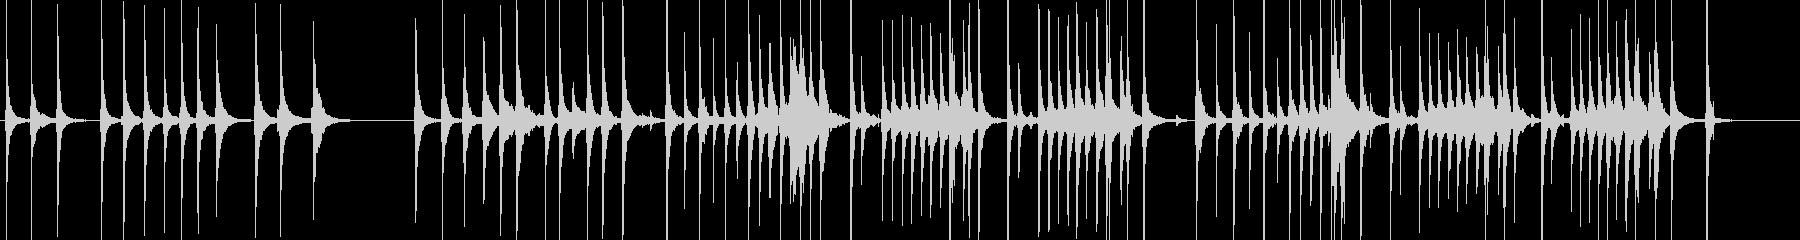 三味線85鷺娘17浮名生音歌舞伎妖怪鷺雪の未再生の波形